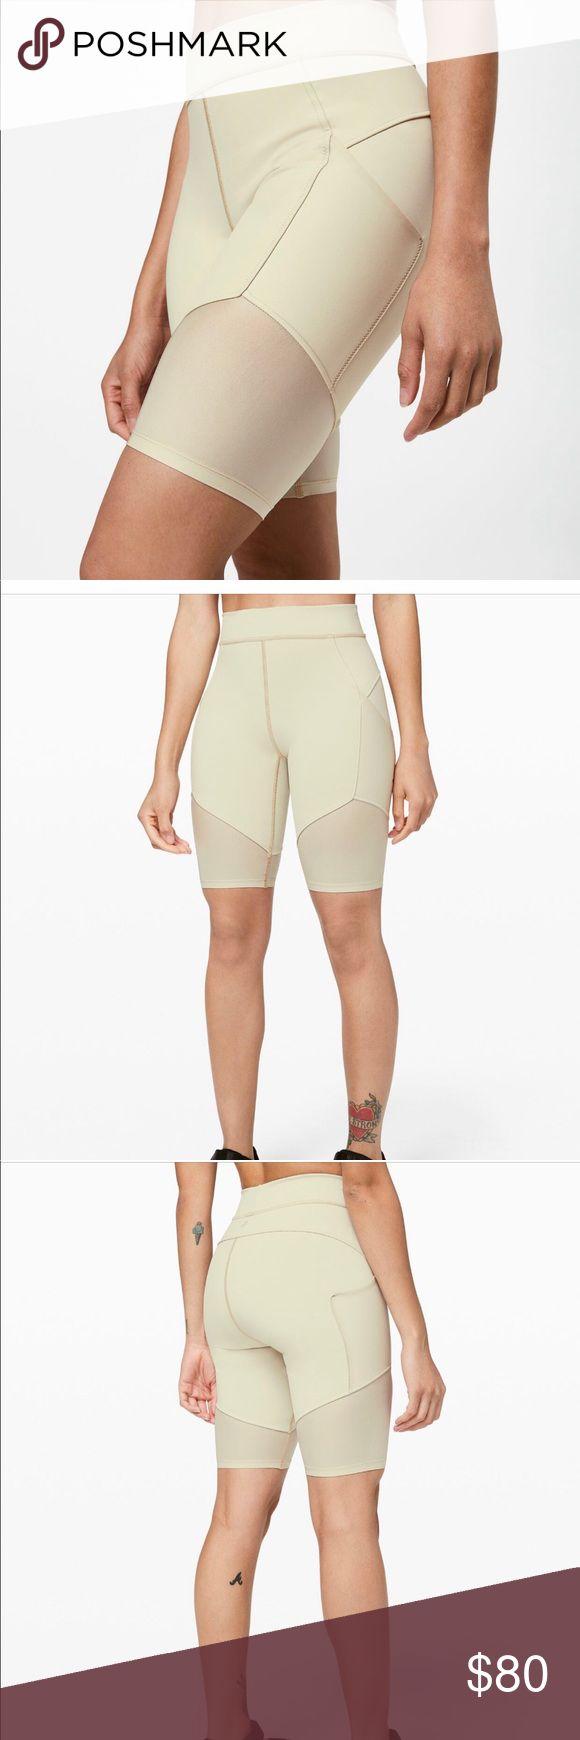 Lululemon Lab Kuka biker shorts size 4 BNWT NBW lululemon Kuka biker shorts size…   – My Posh Picks